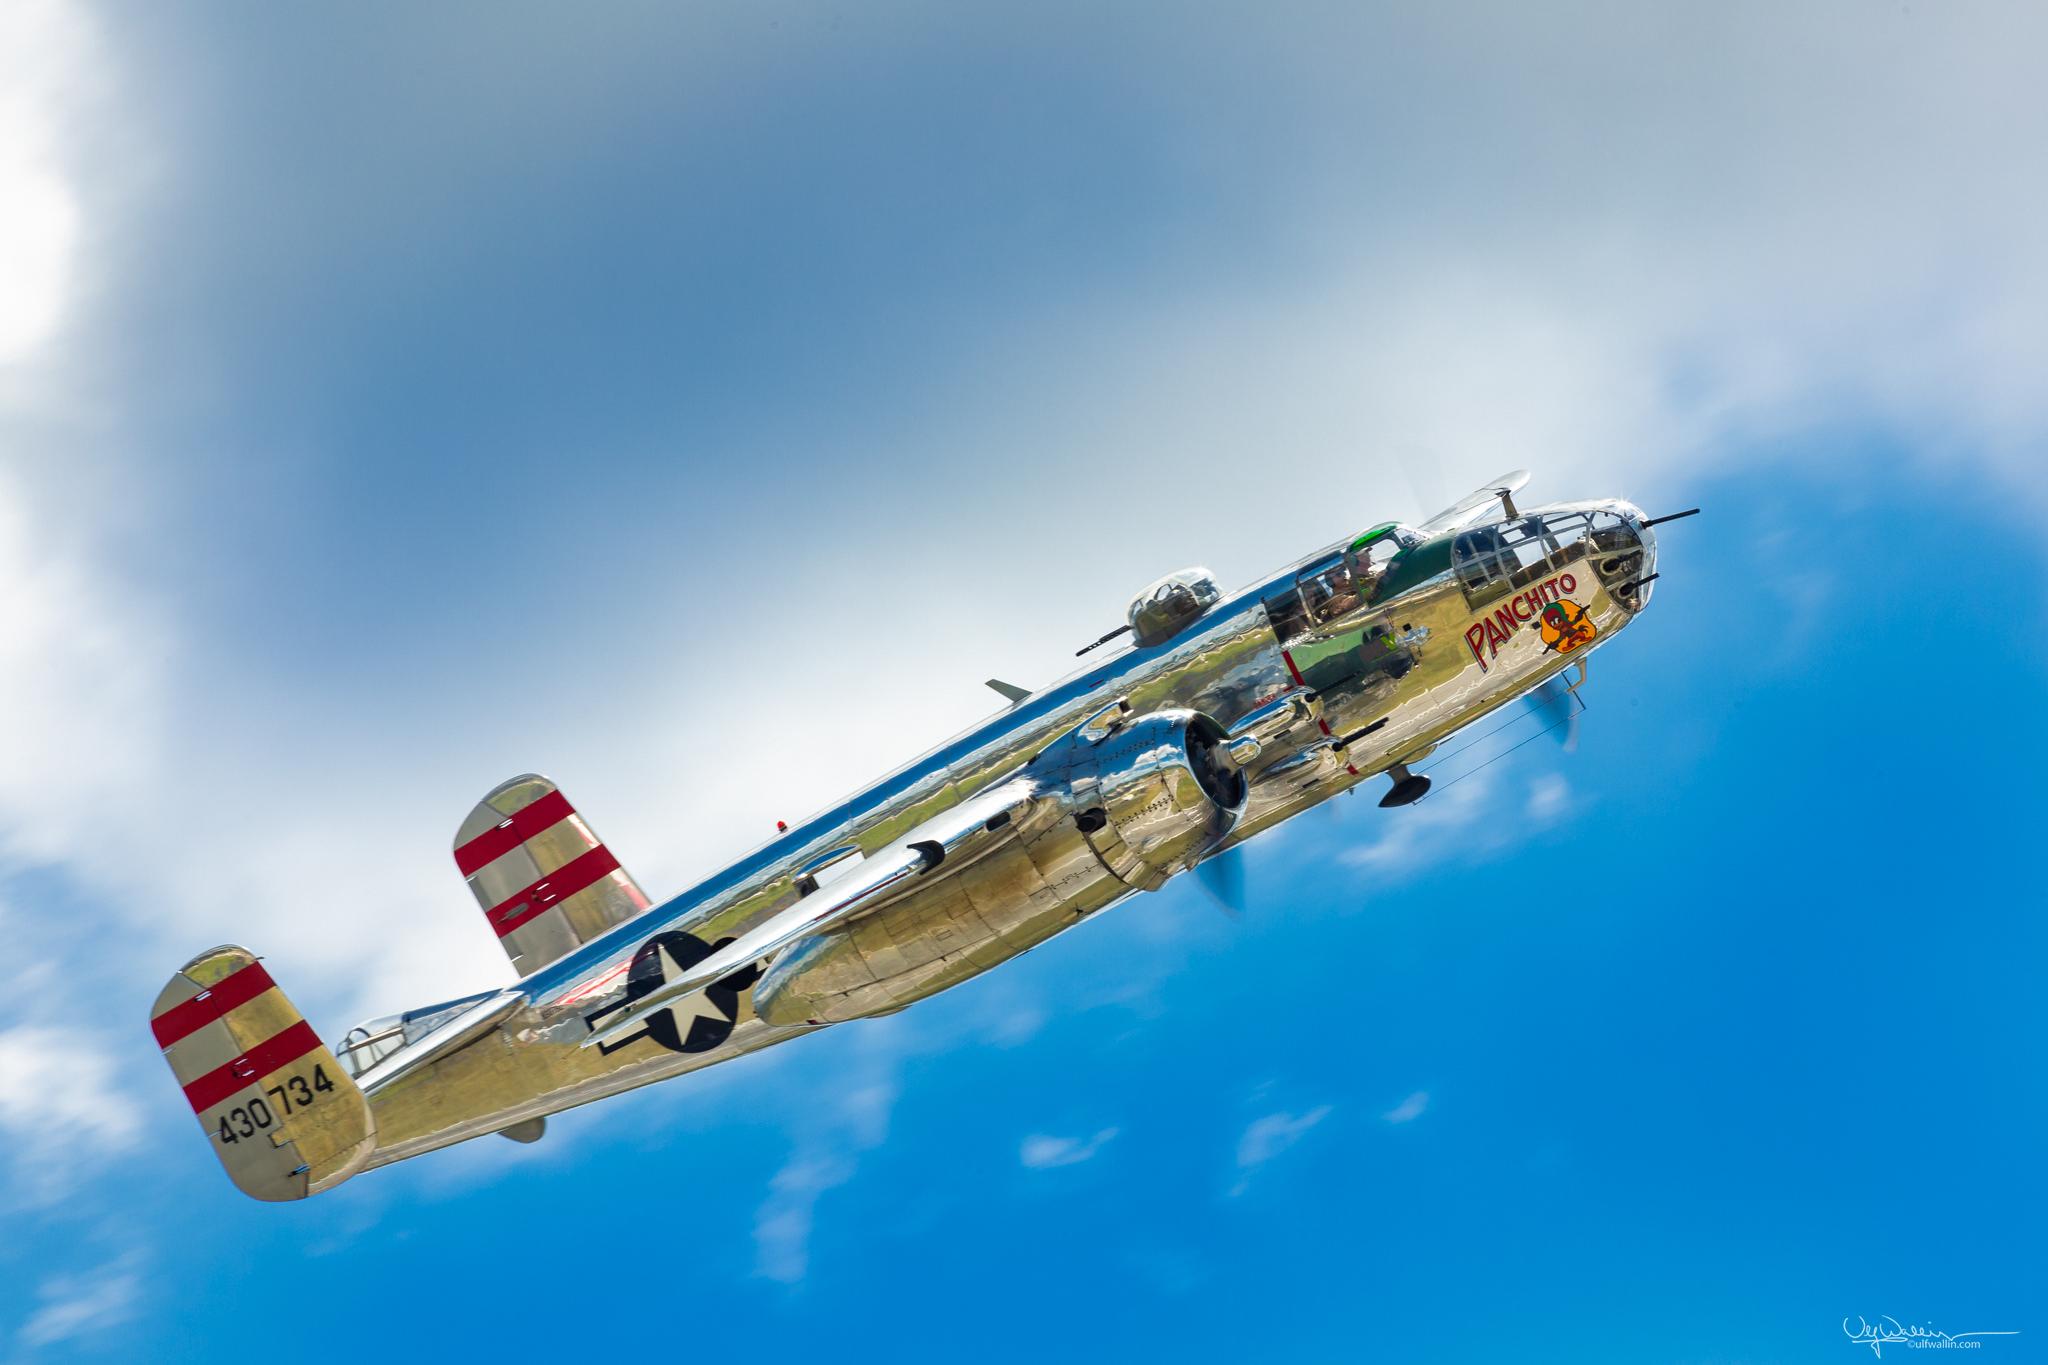 B-25 Mitchell - Panchito